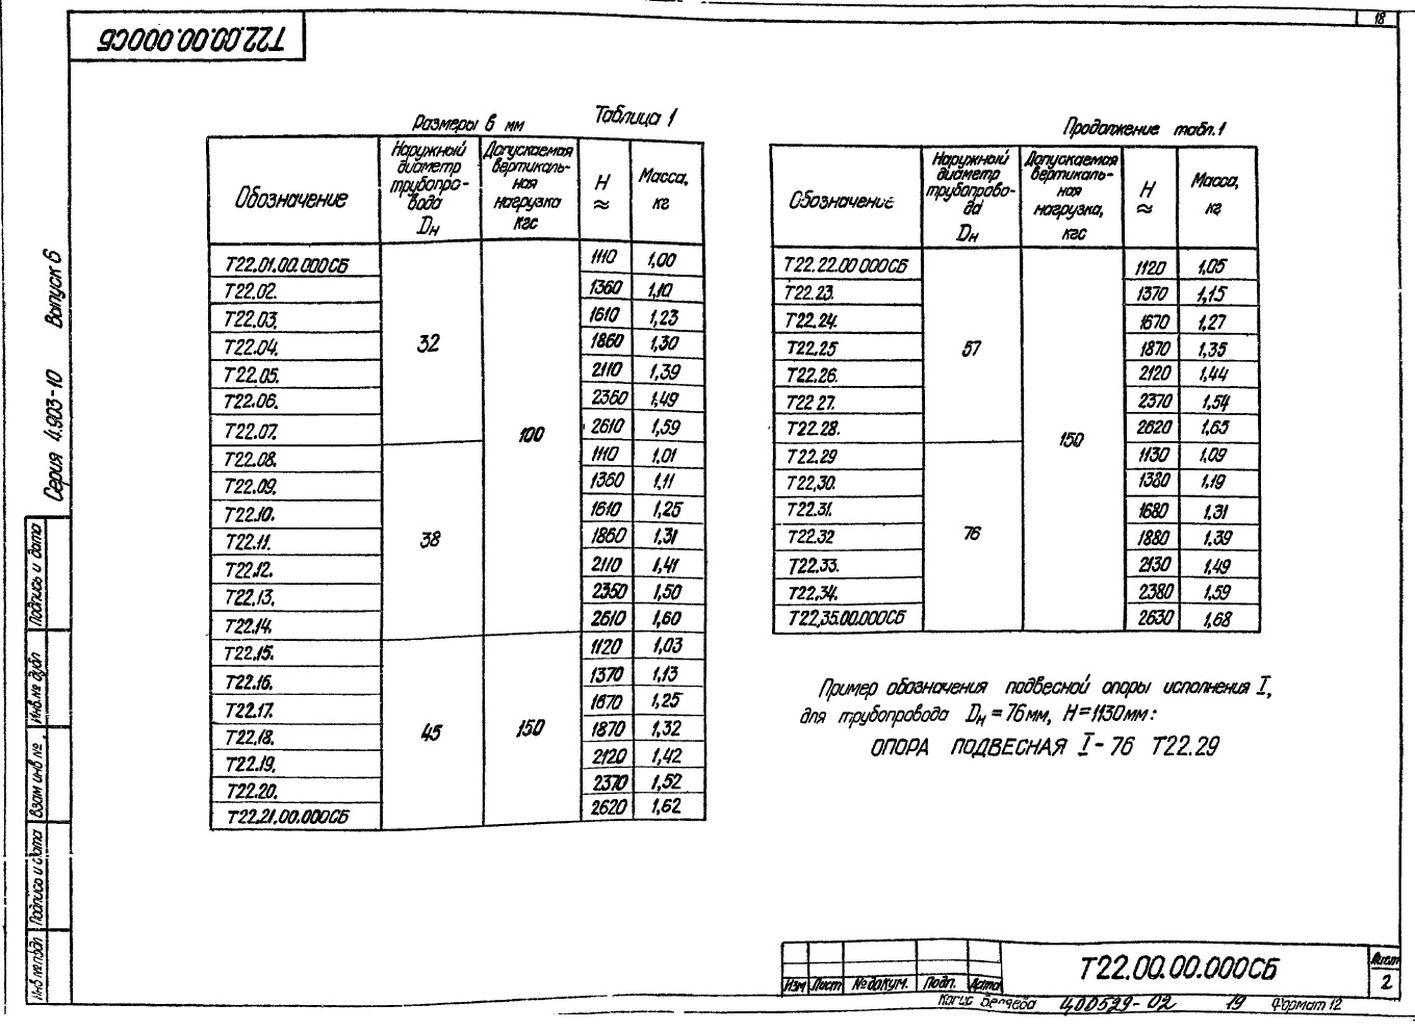 Опора подвижная жесткая Т22 с.4.903-1 вып.6 стр.2